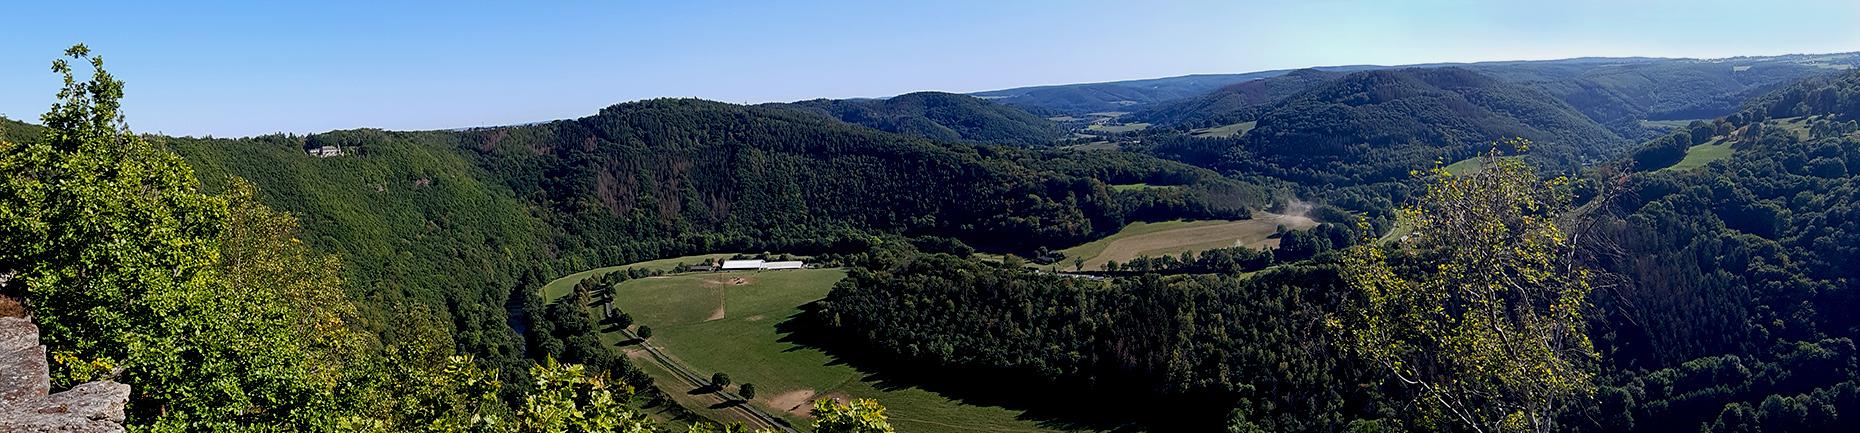 Aussicht auf die Rurschleife bei Nideggen im Nationalpark Eifel